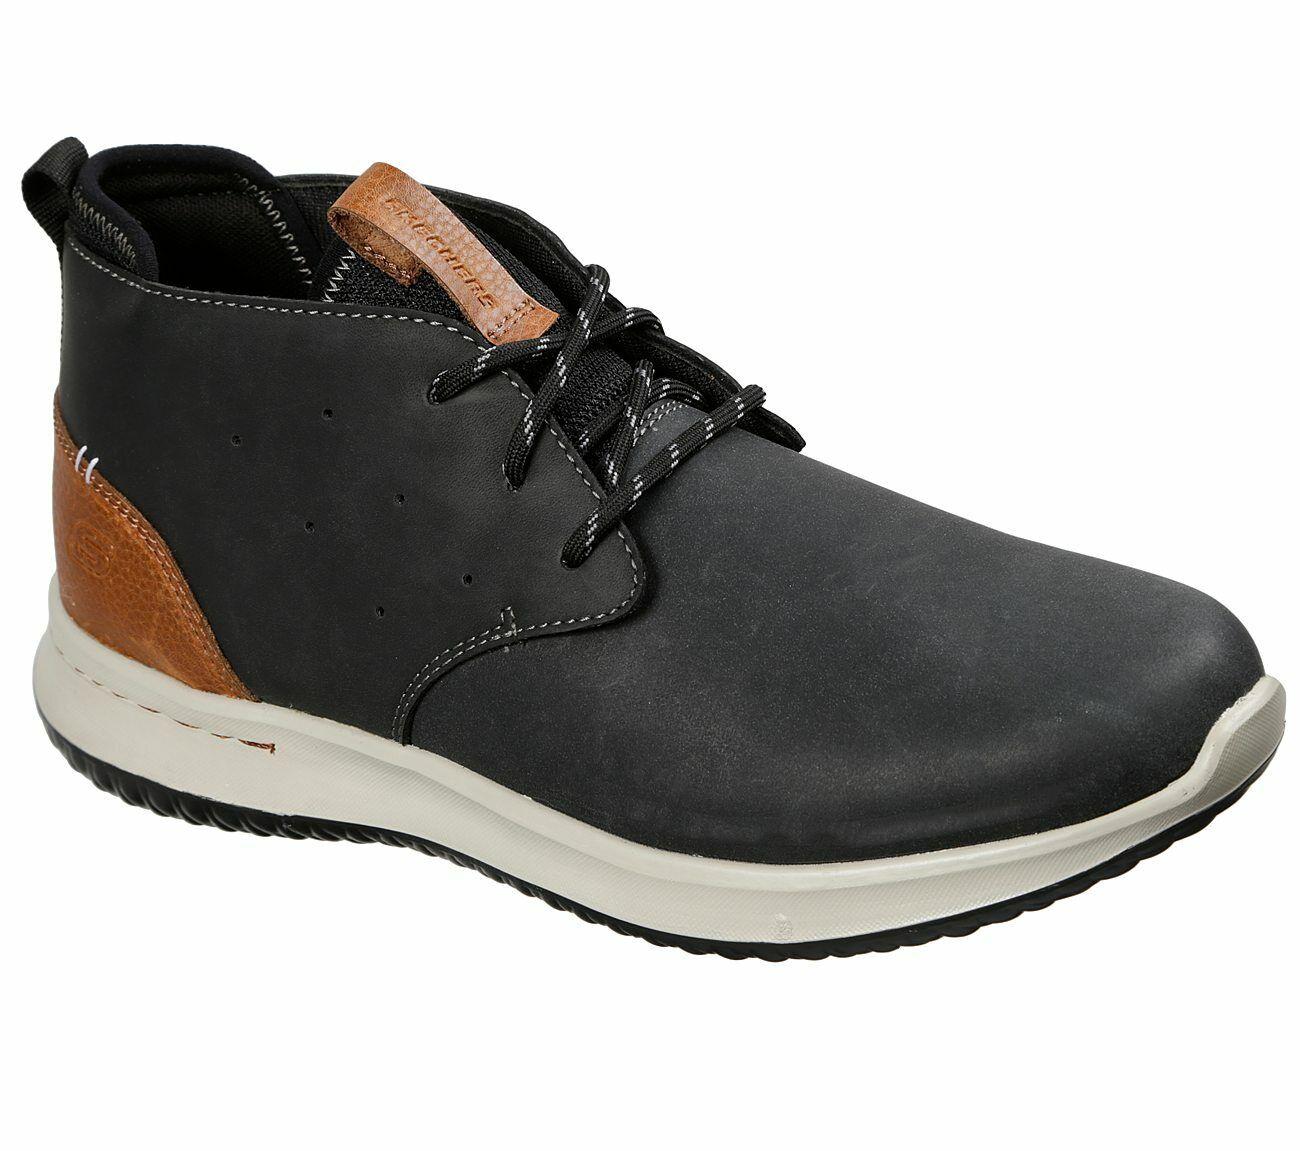 NEU SKECHERS Herren Sneakers DELSON CLENTON Freizeitschuhe Oxford-Schuhe Schwarz